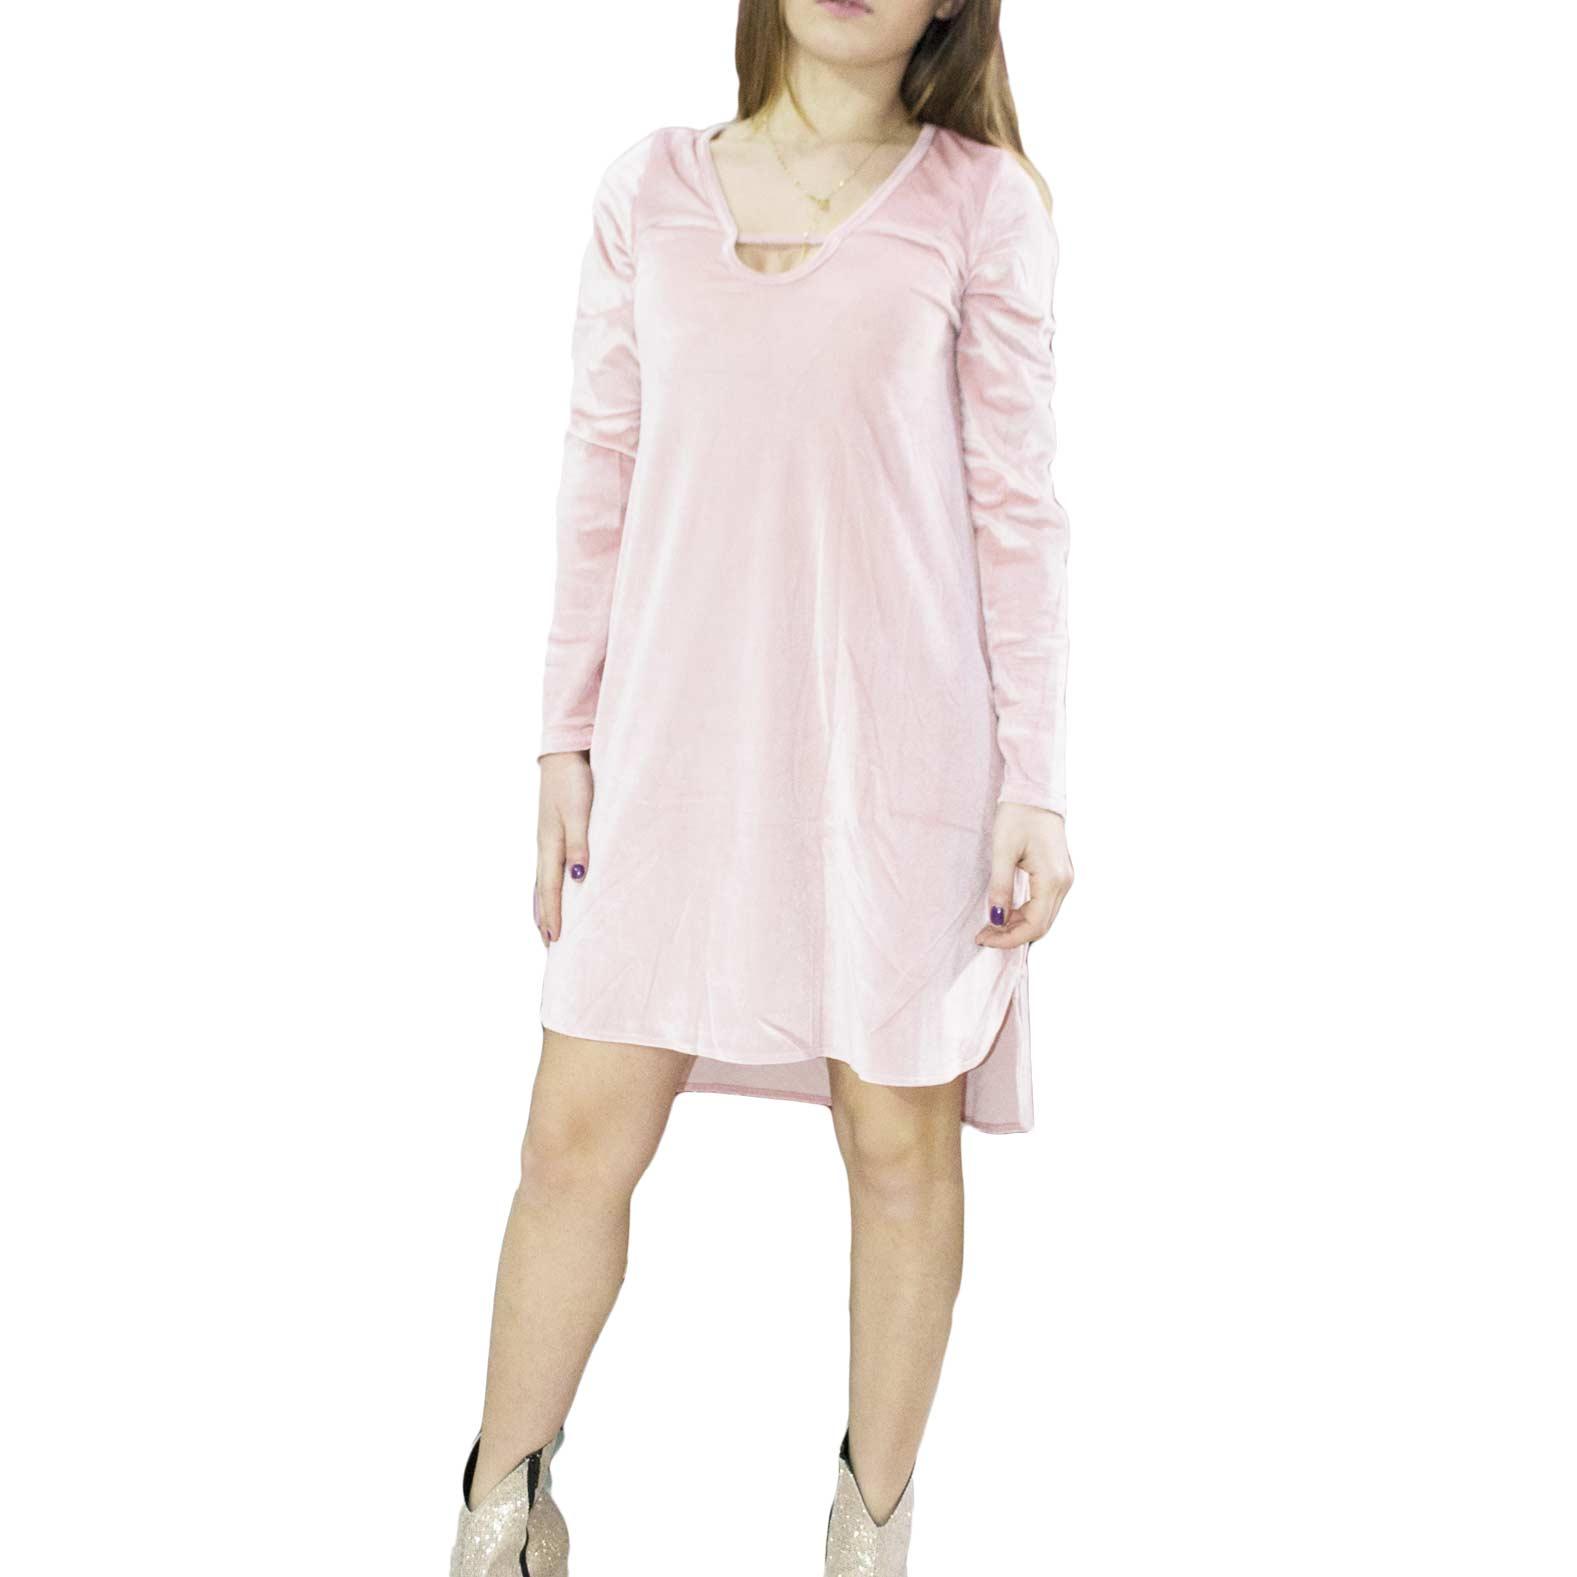 info for 10c36 23daf Abito in ciniglia rosa lunghezza asimettrico scollo davanti elegante pretty  moda donna abiti osley   MaluShoes